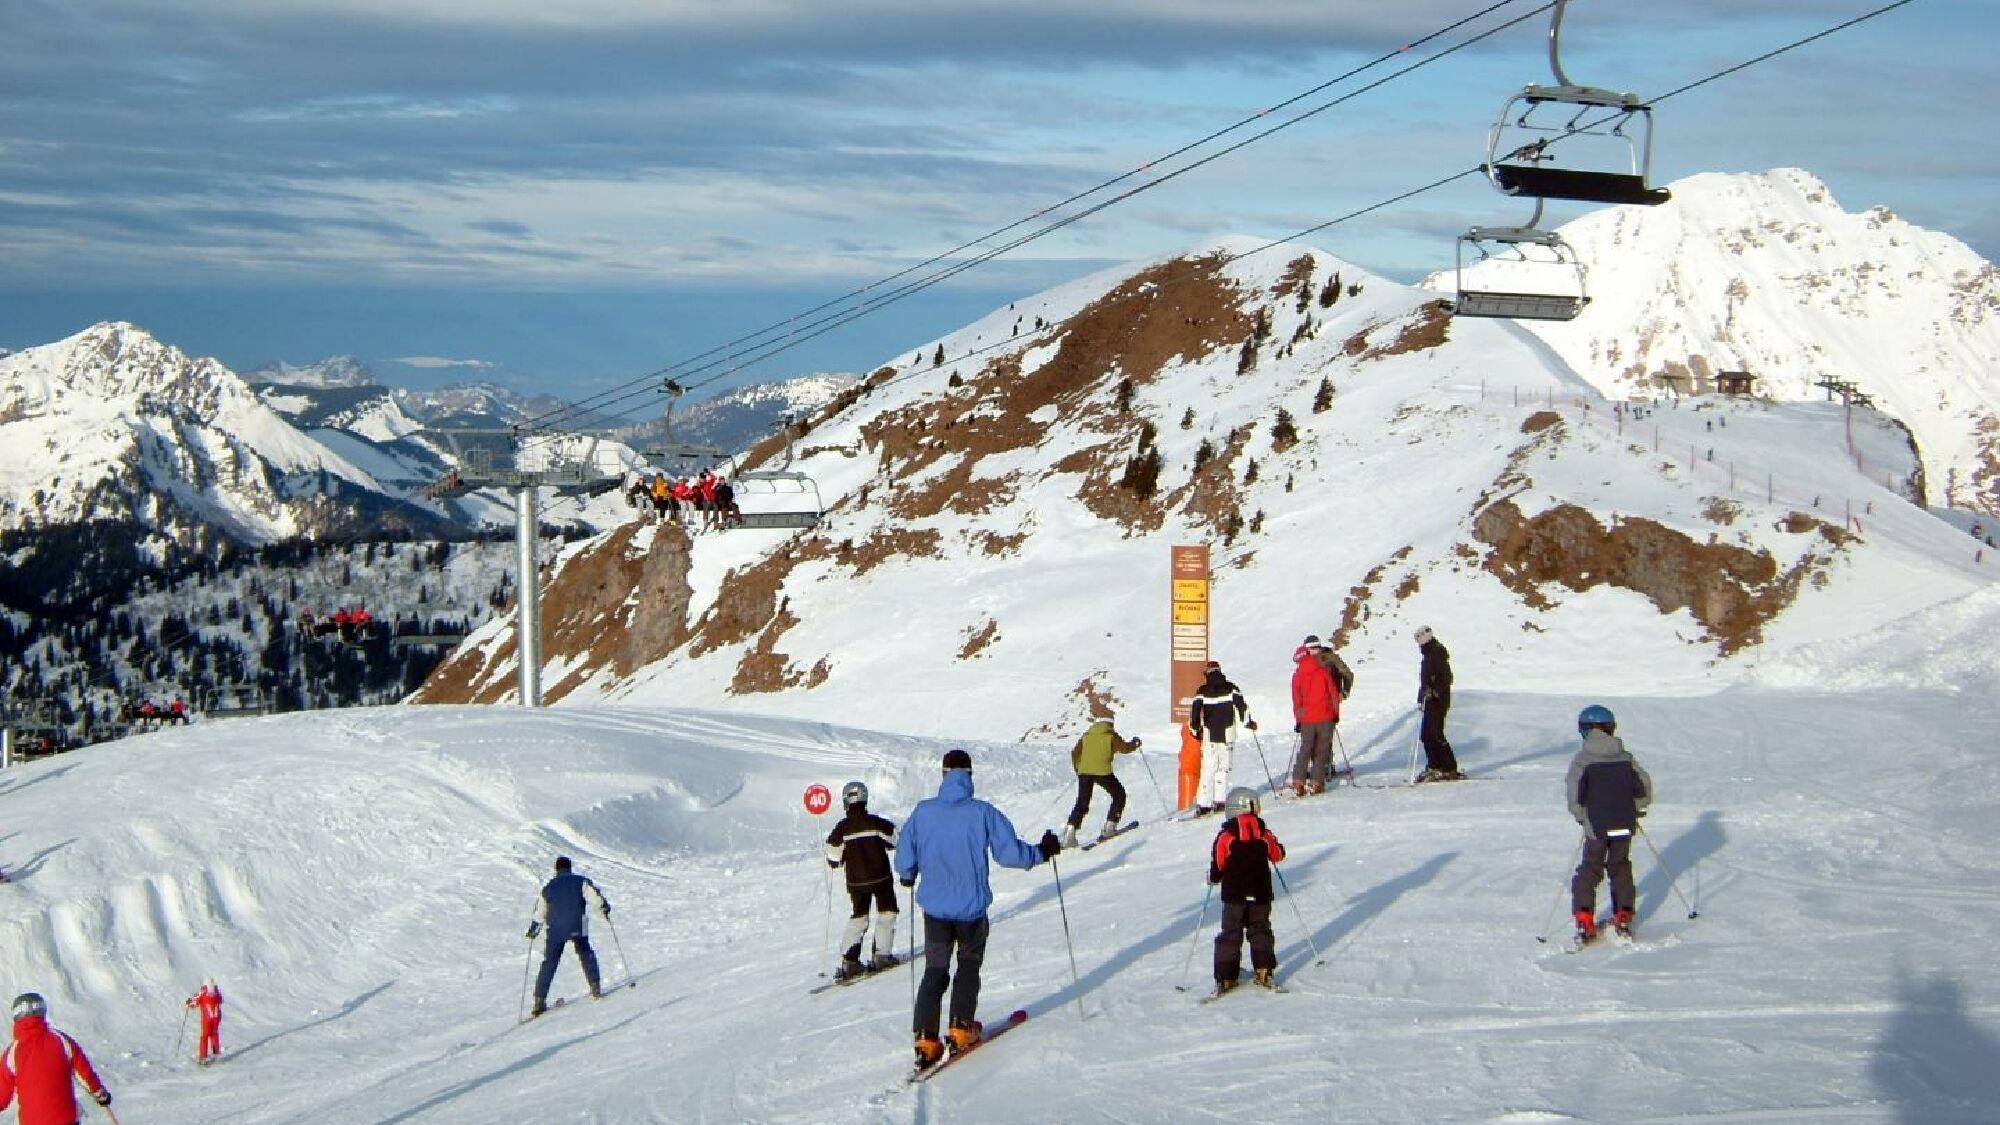 Bei der Planung der Ski-Klassenfahrt gilt es, ein geeignetes Skigebiet zu finden